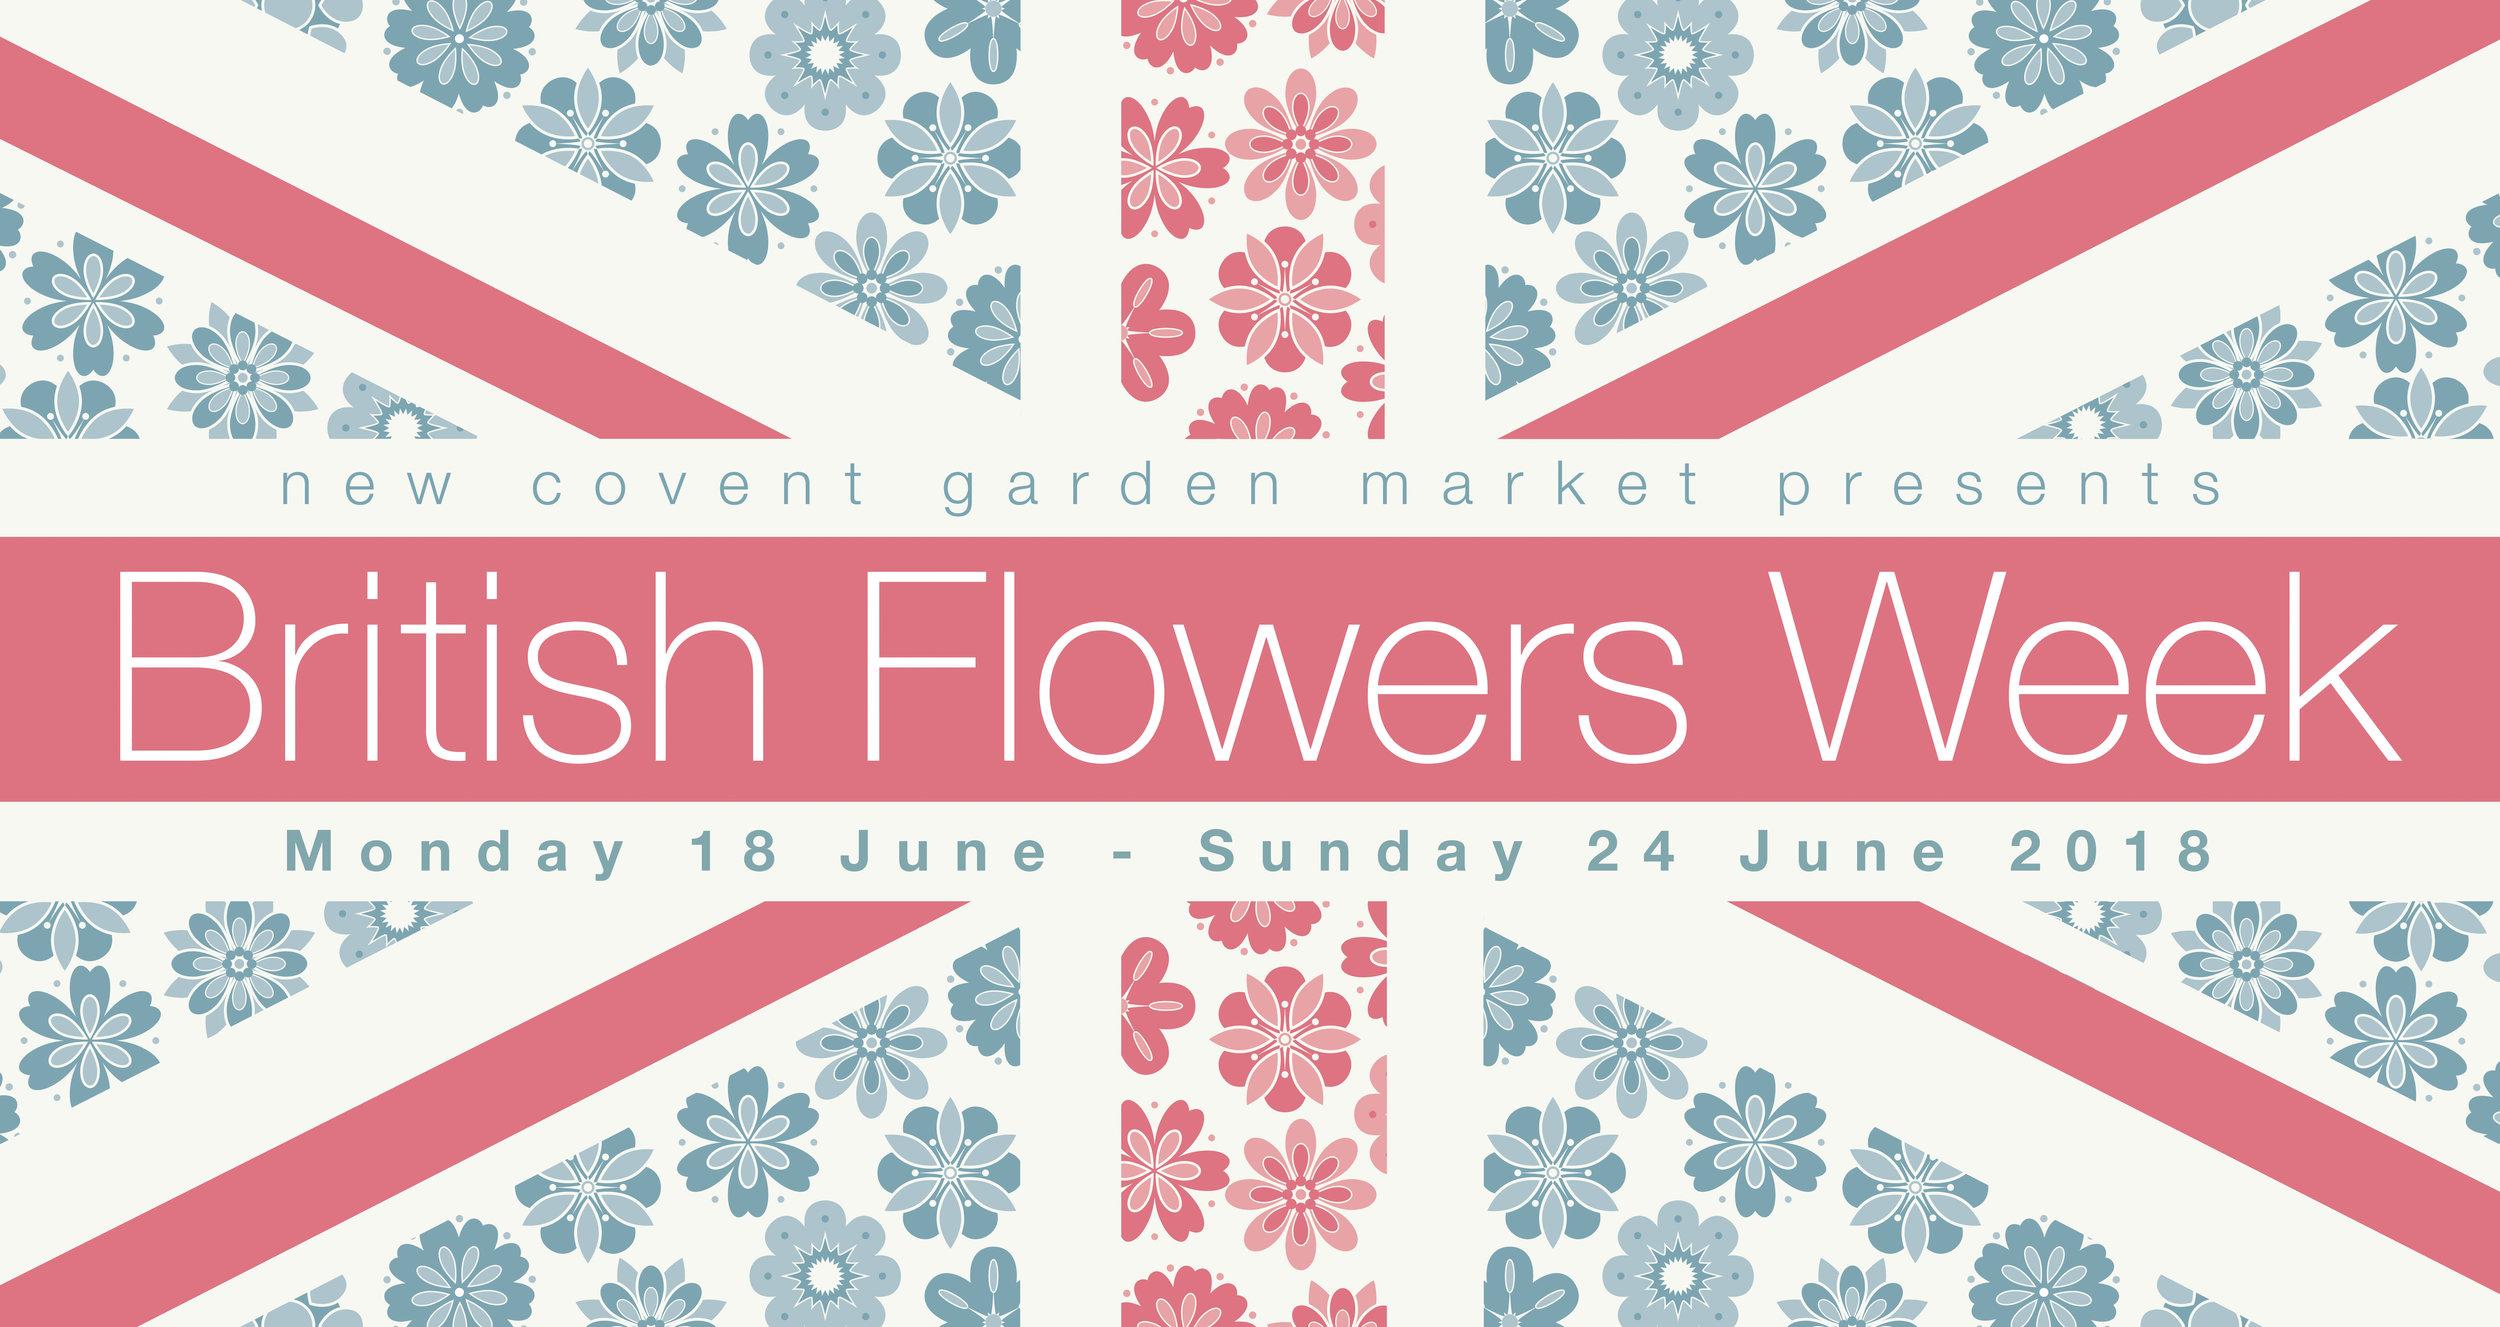 British+Flowers+Week+2018+logo.jpg